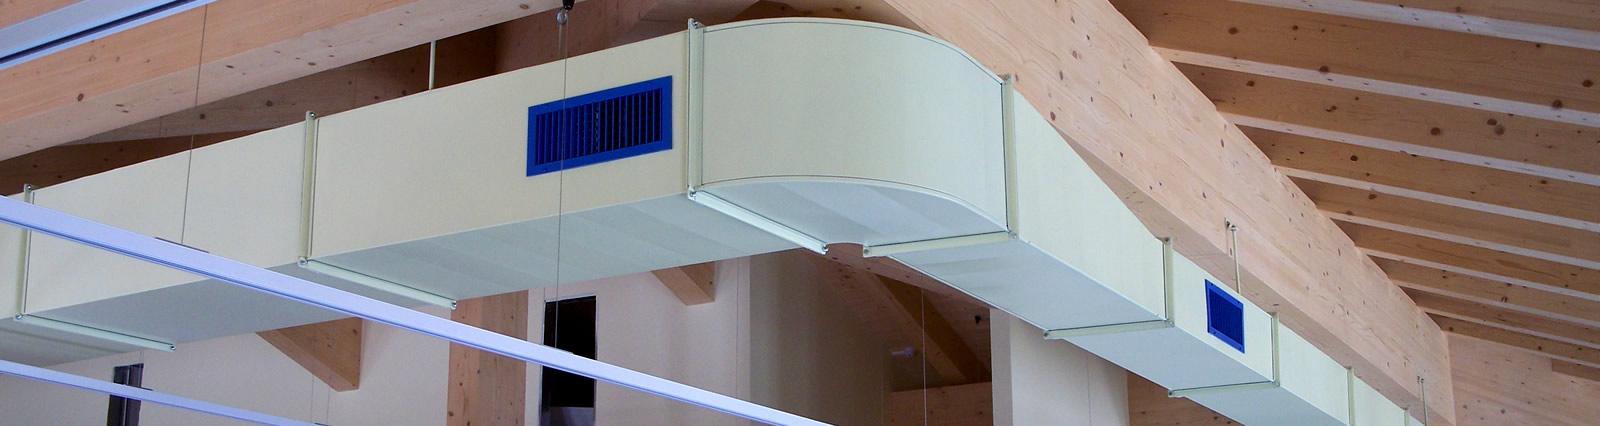 Installazione impianti trattamento aria VG Impianti Srl